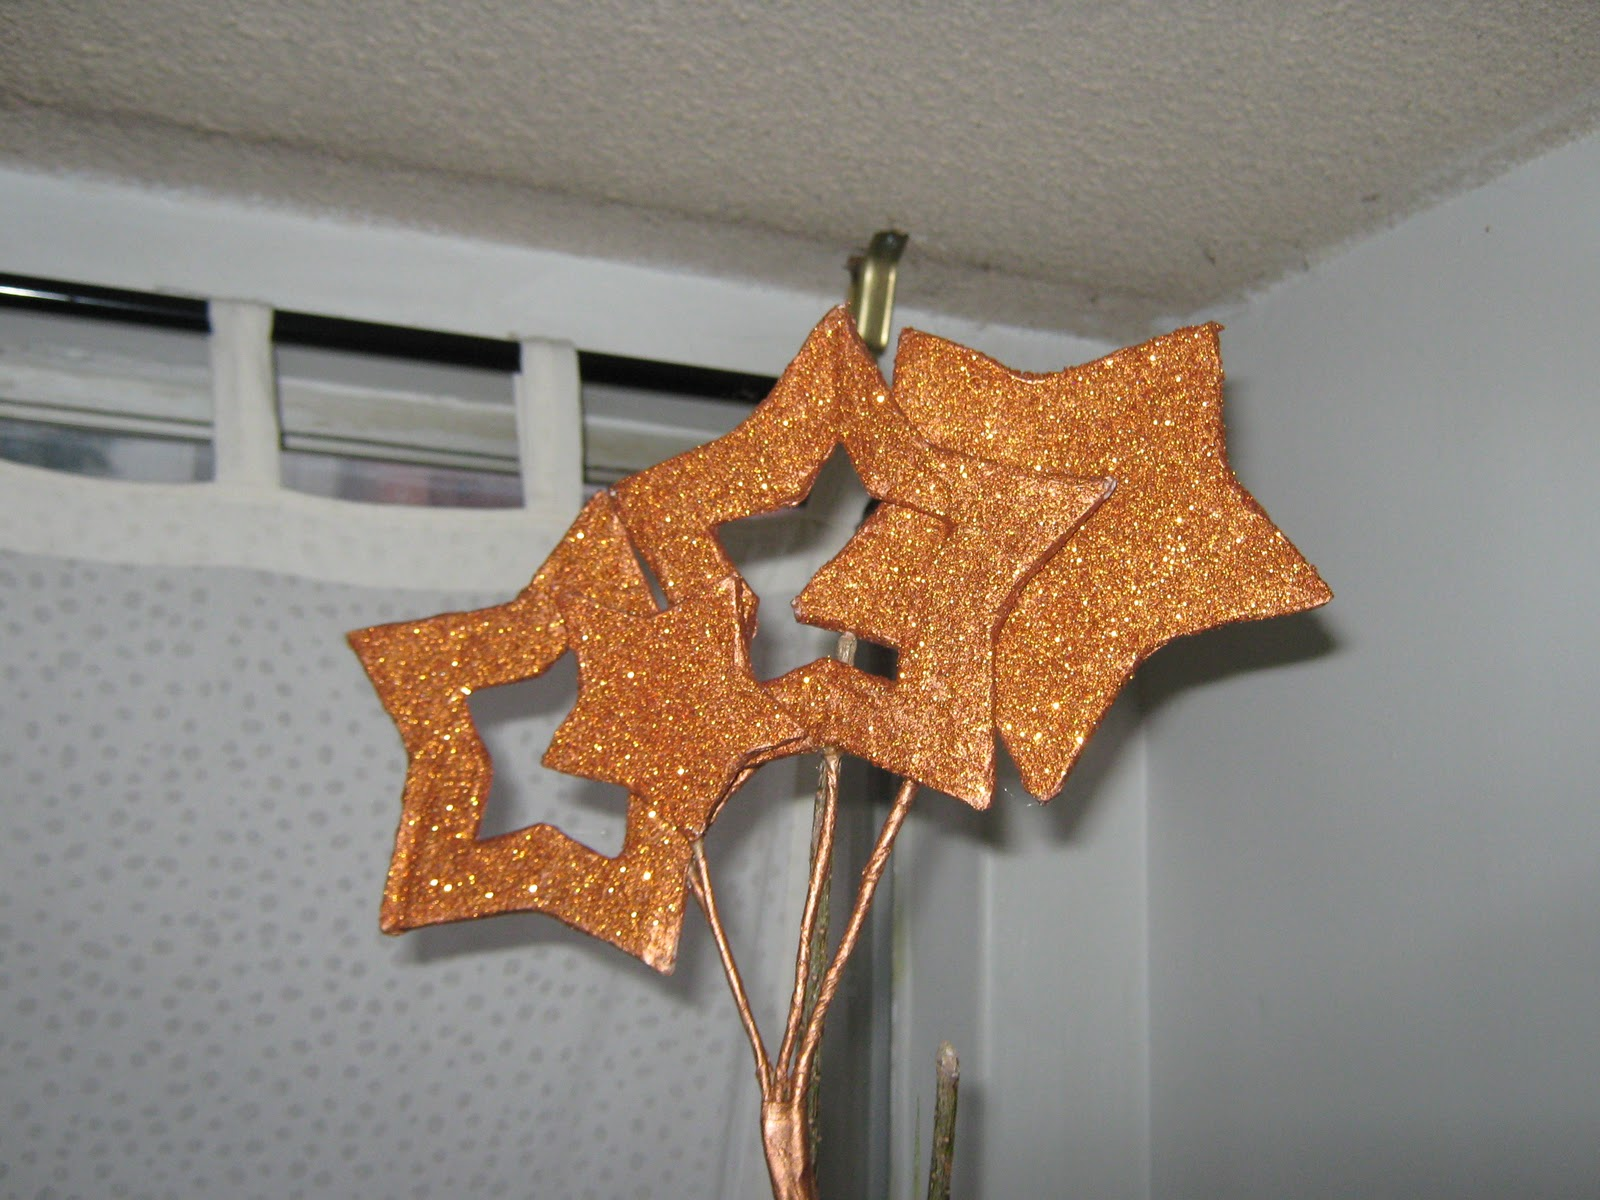 aqu les pongo unas estrellas hechas a mano y muy bonitas para decorar el rbol de navidad la clsica punta en el rbol que no puede faltar